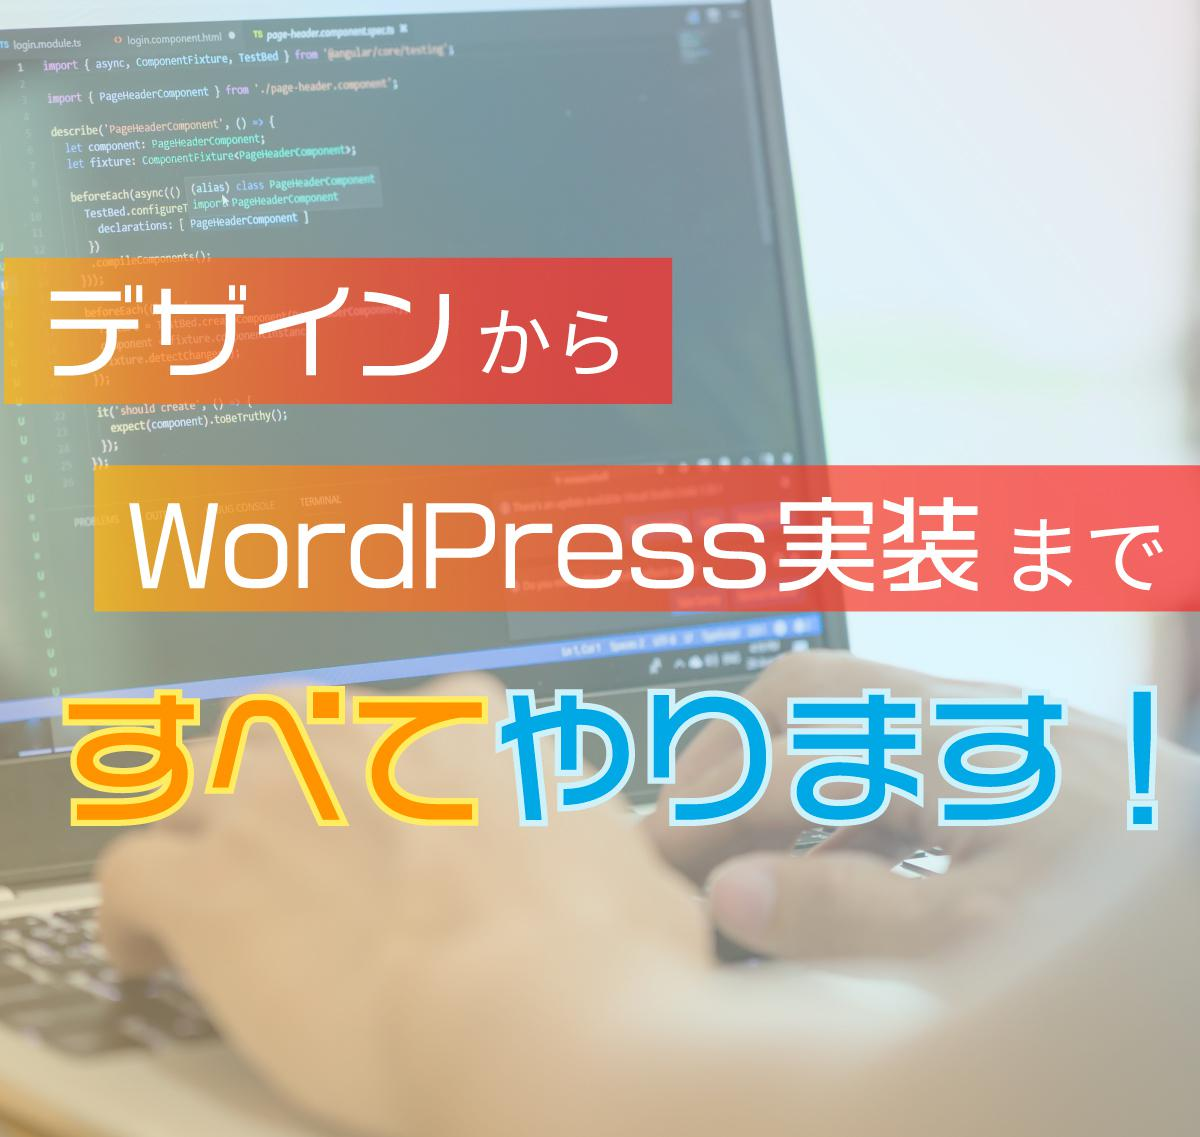 デザインからサイト実装まで一貫して全て請け負います プロのWebデザイナーが集客できるホームページを作成! イメージ1